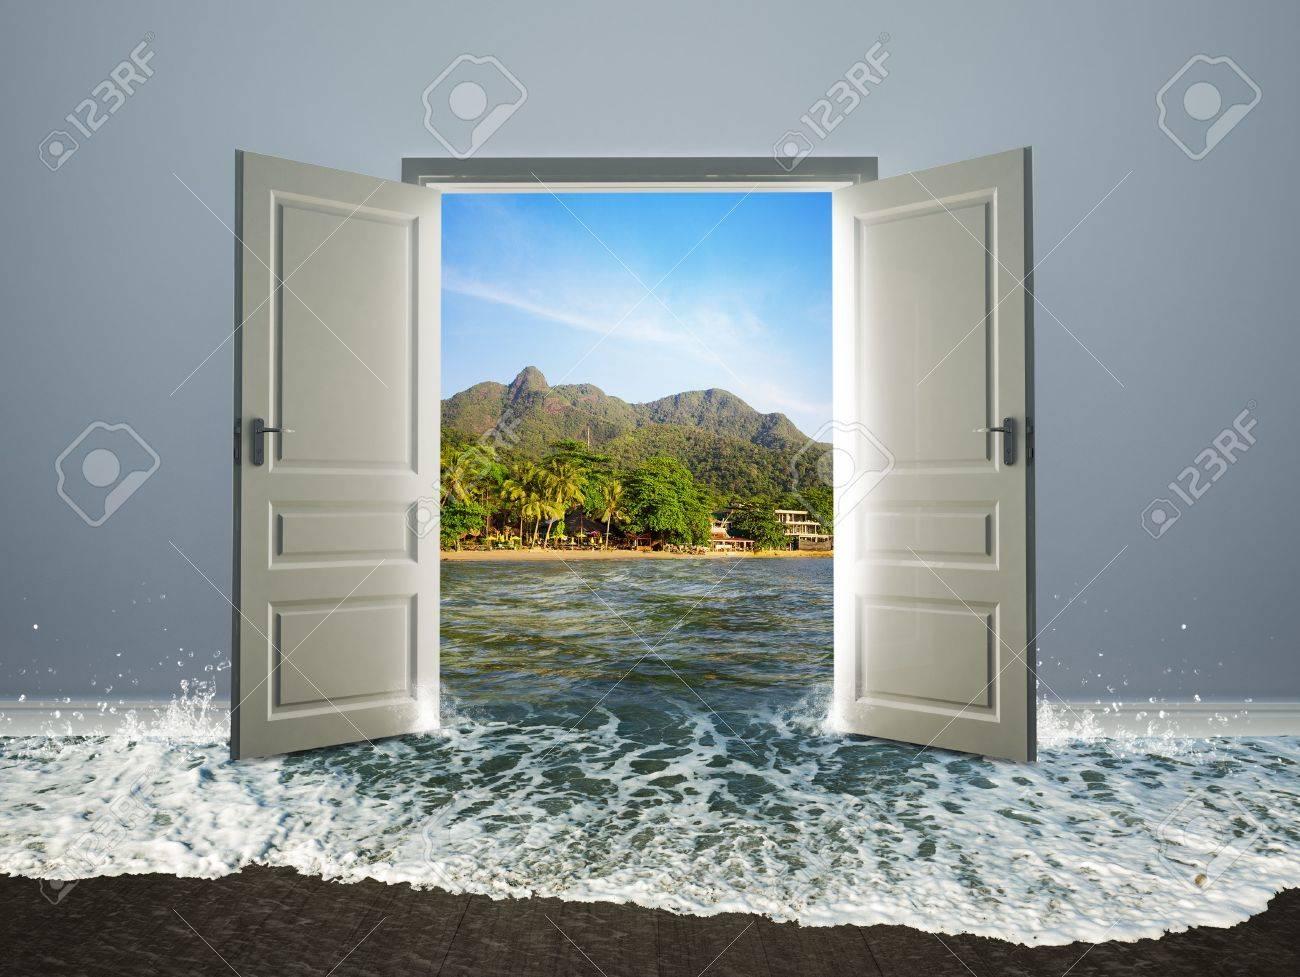 White door open to the beach Stock Photo - 34924004 & White Door Open To The Beach Stock Photo Picture And Royalty Free ...